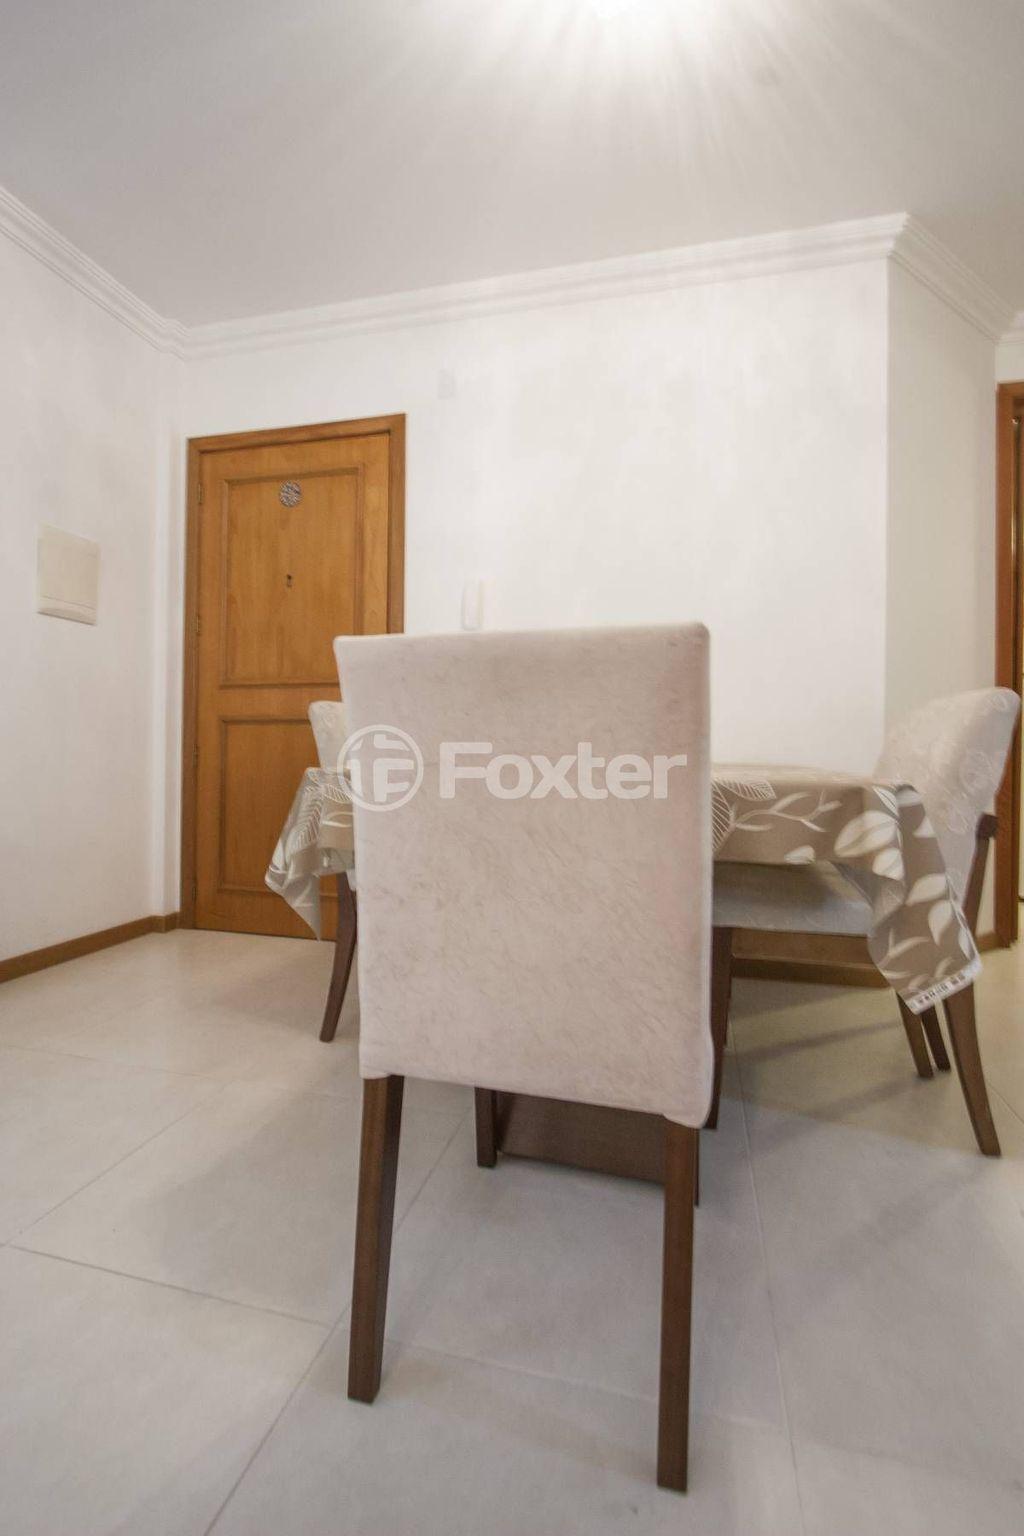 Foxter Imobiliária - Apto 2 Dorm, Jardim Botânico - Foto 5